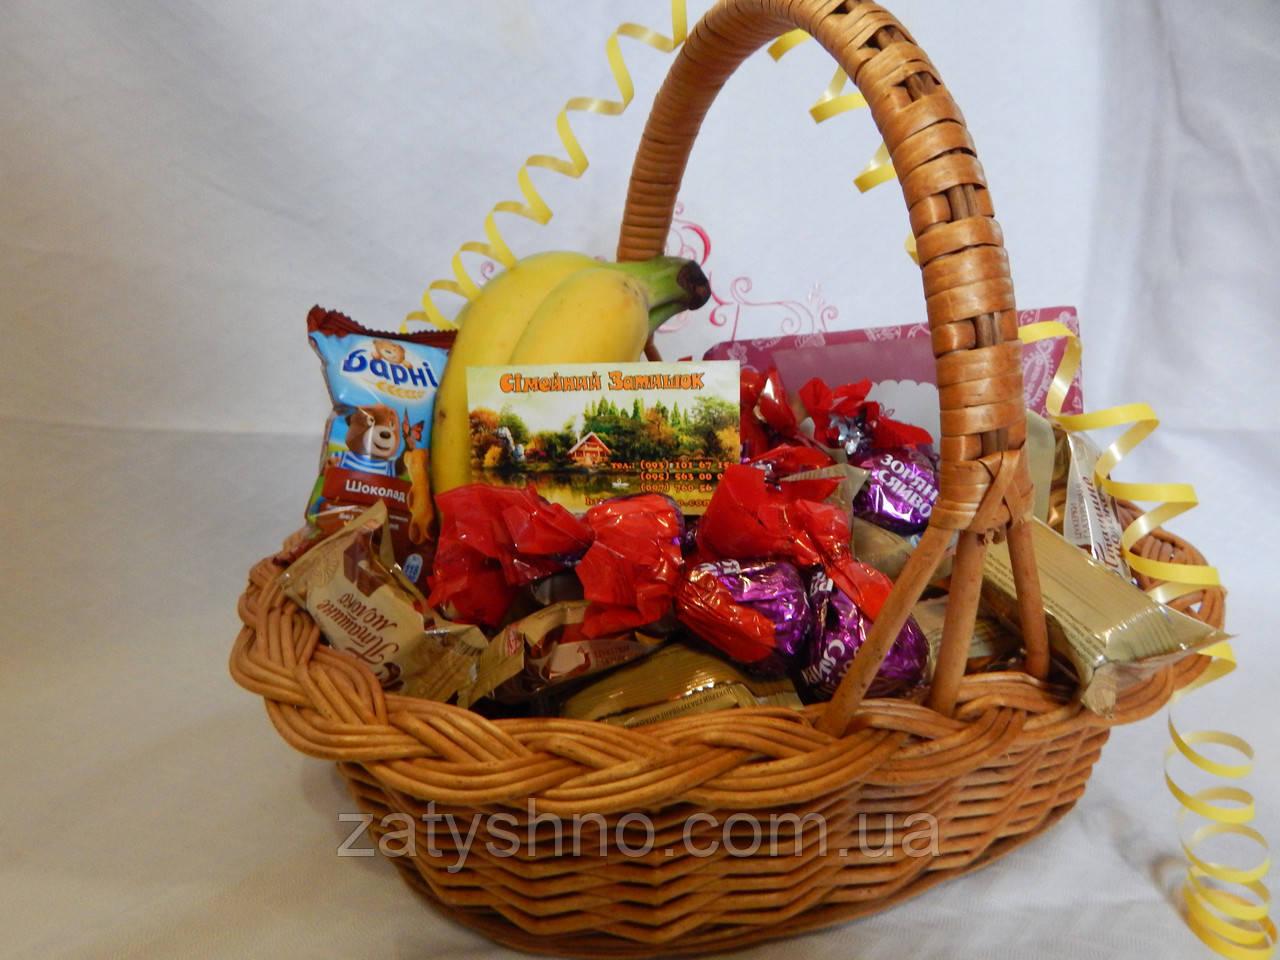 Плетеные корзины под сладкое